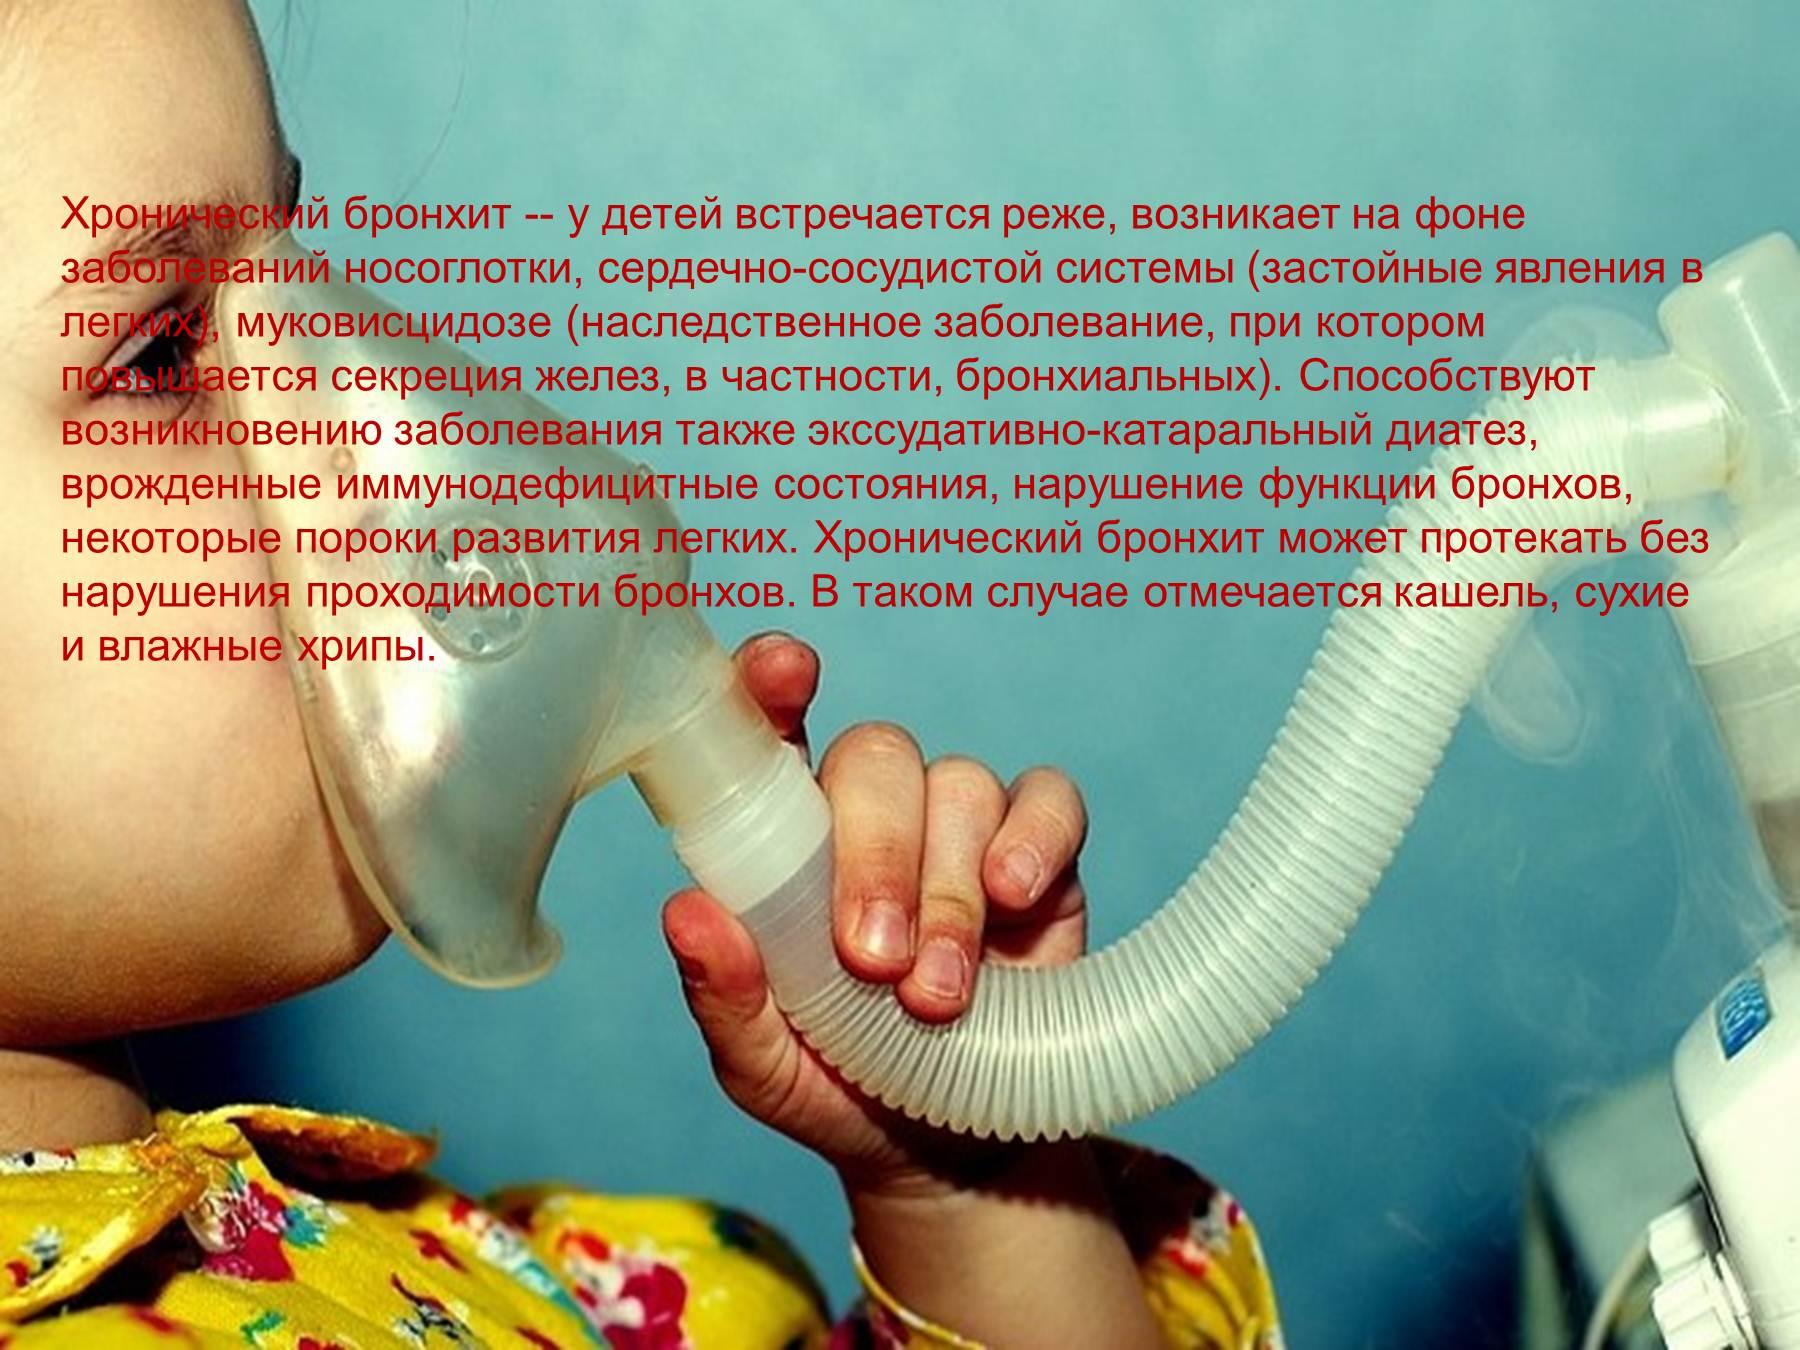 Острый бронхит и лечение в домашних условиях